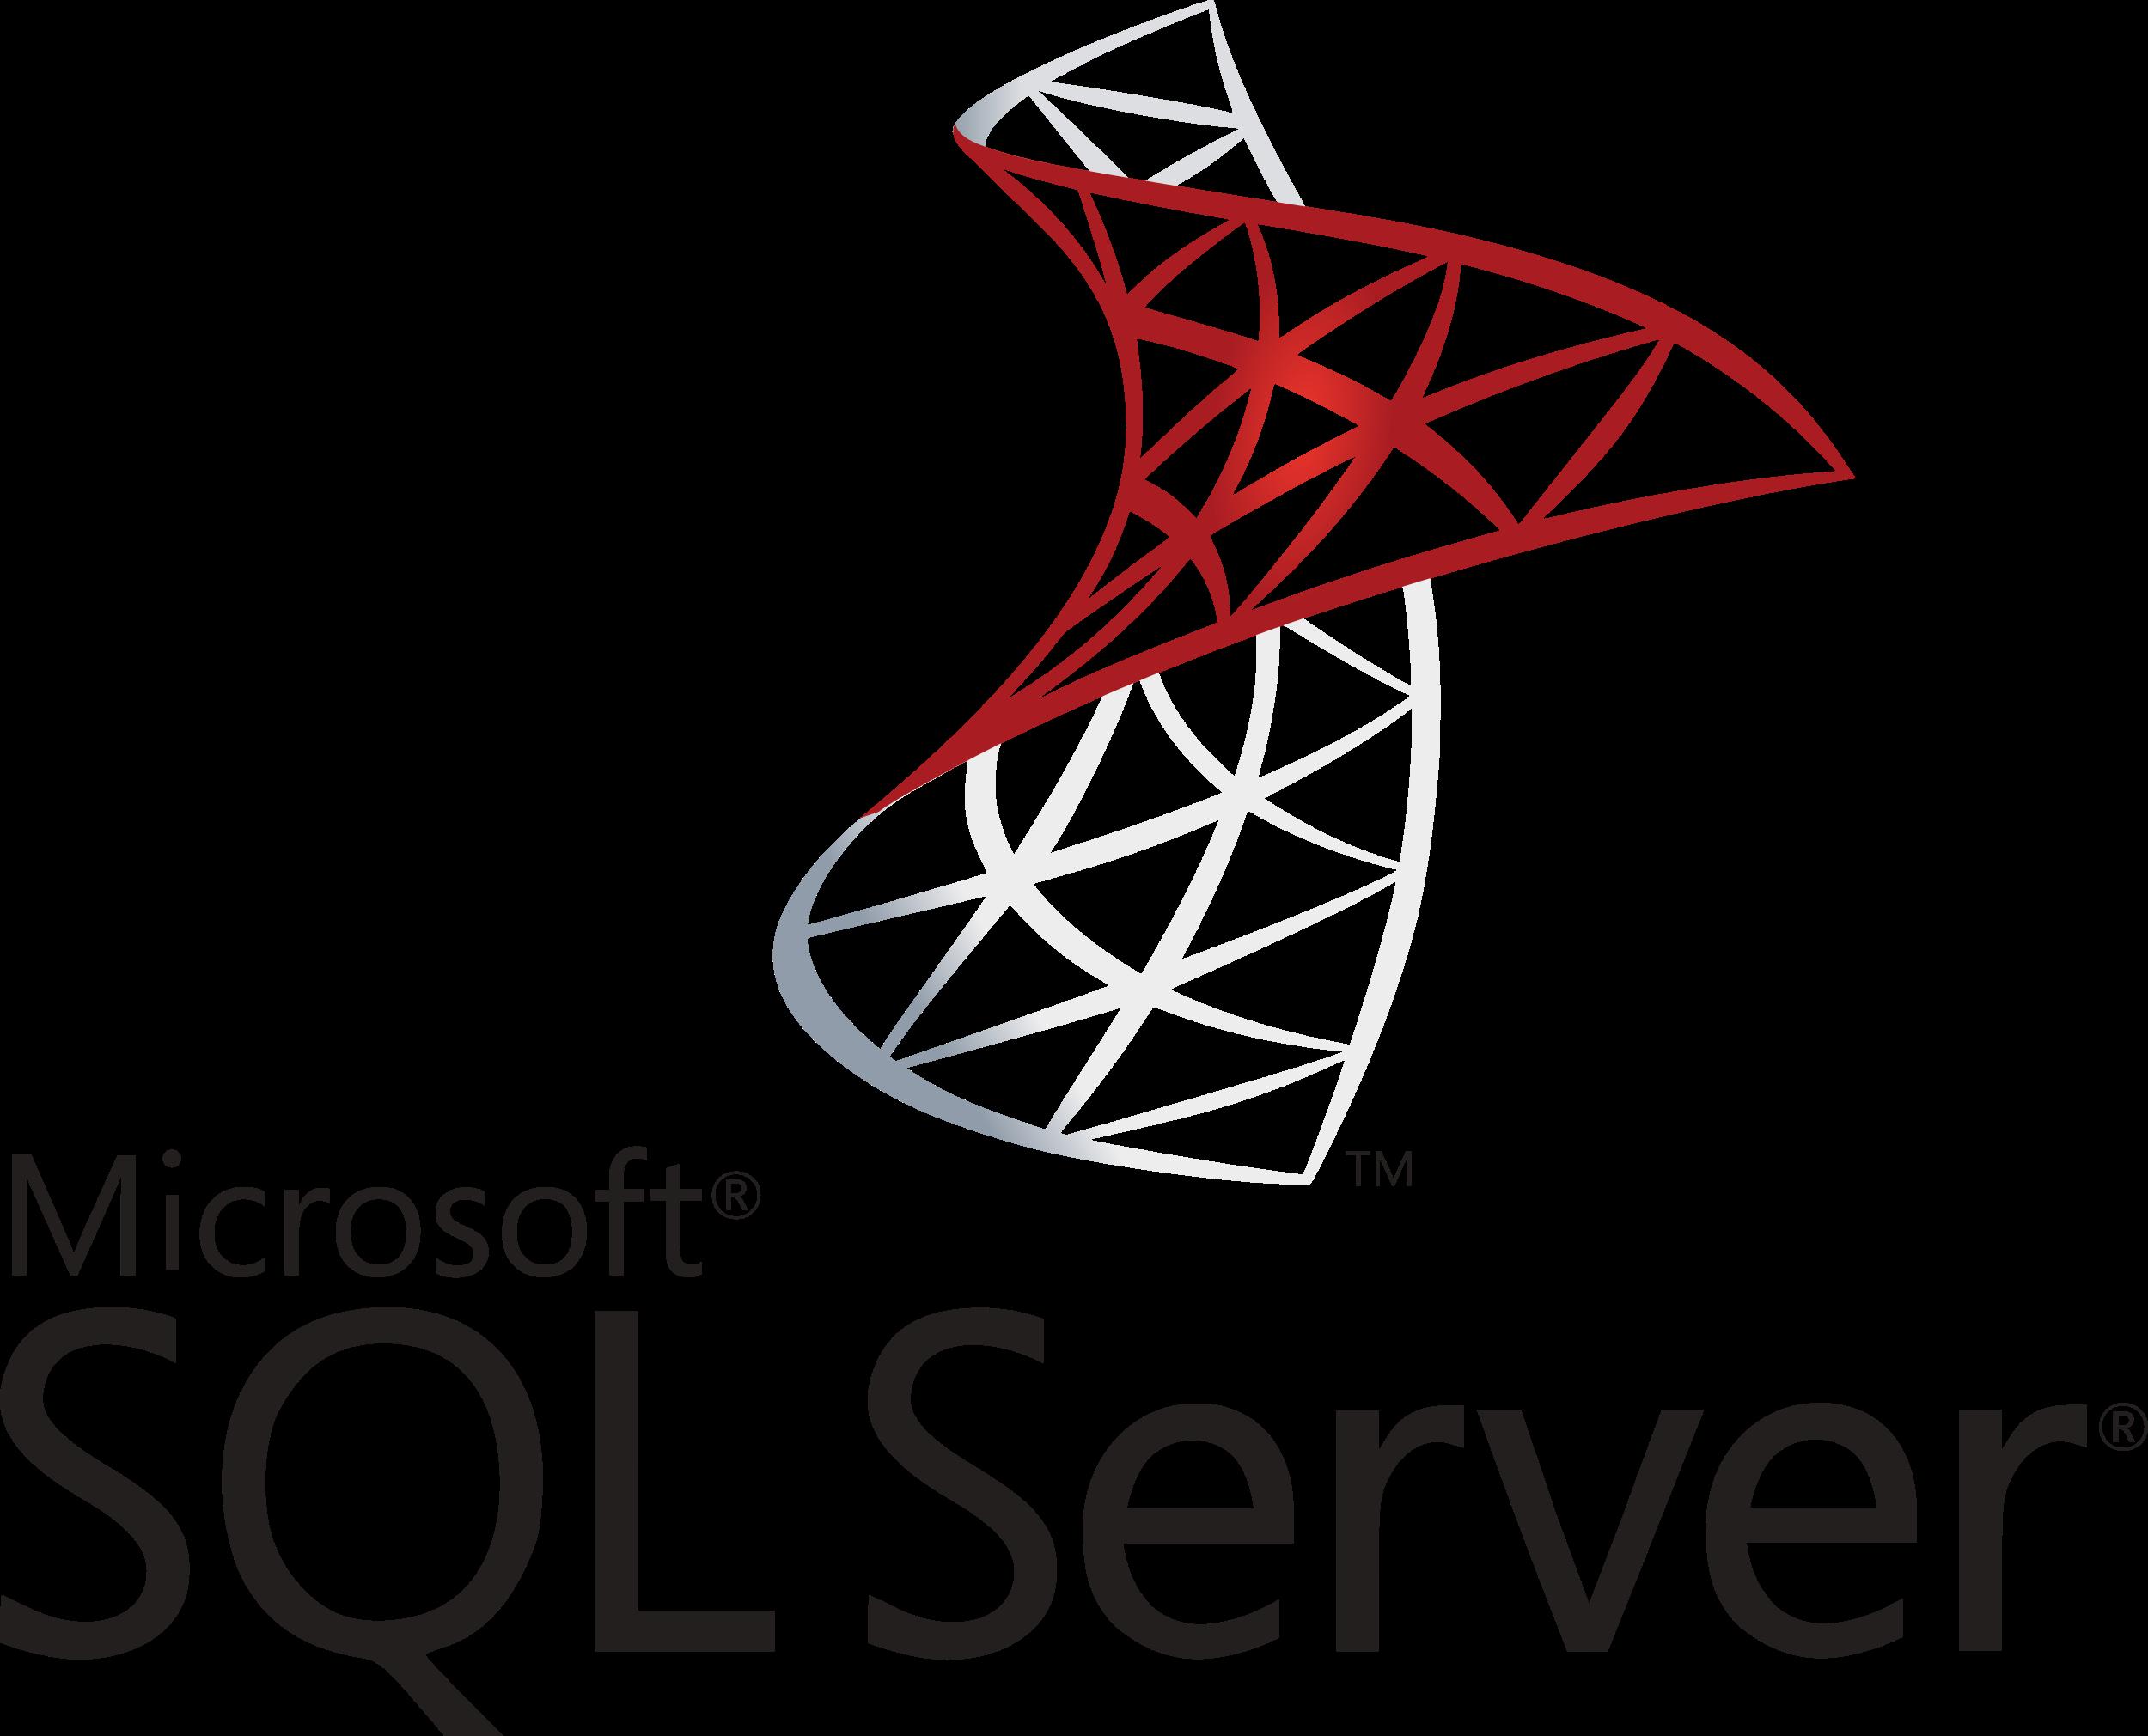 1499955337microsoft-sql-server-logo-png